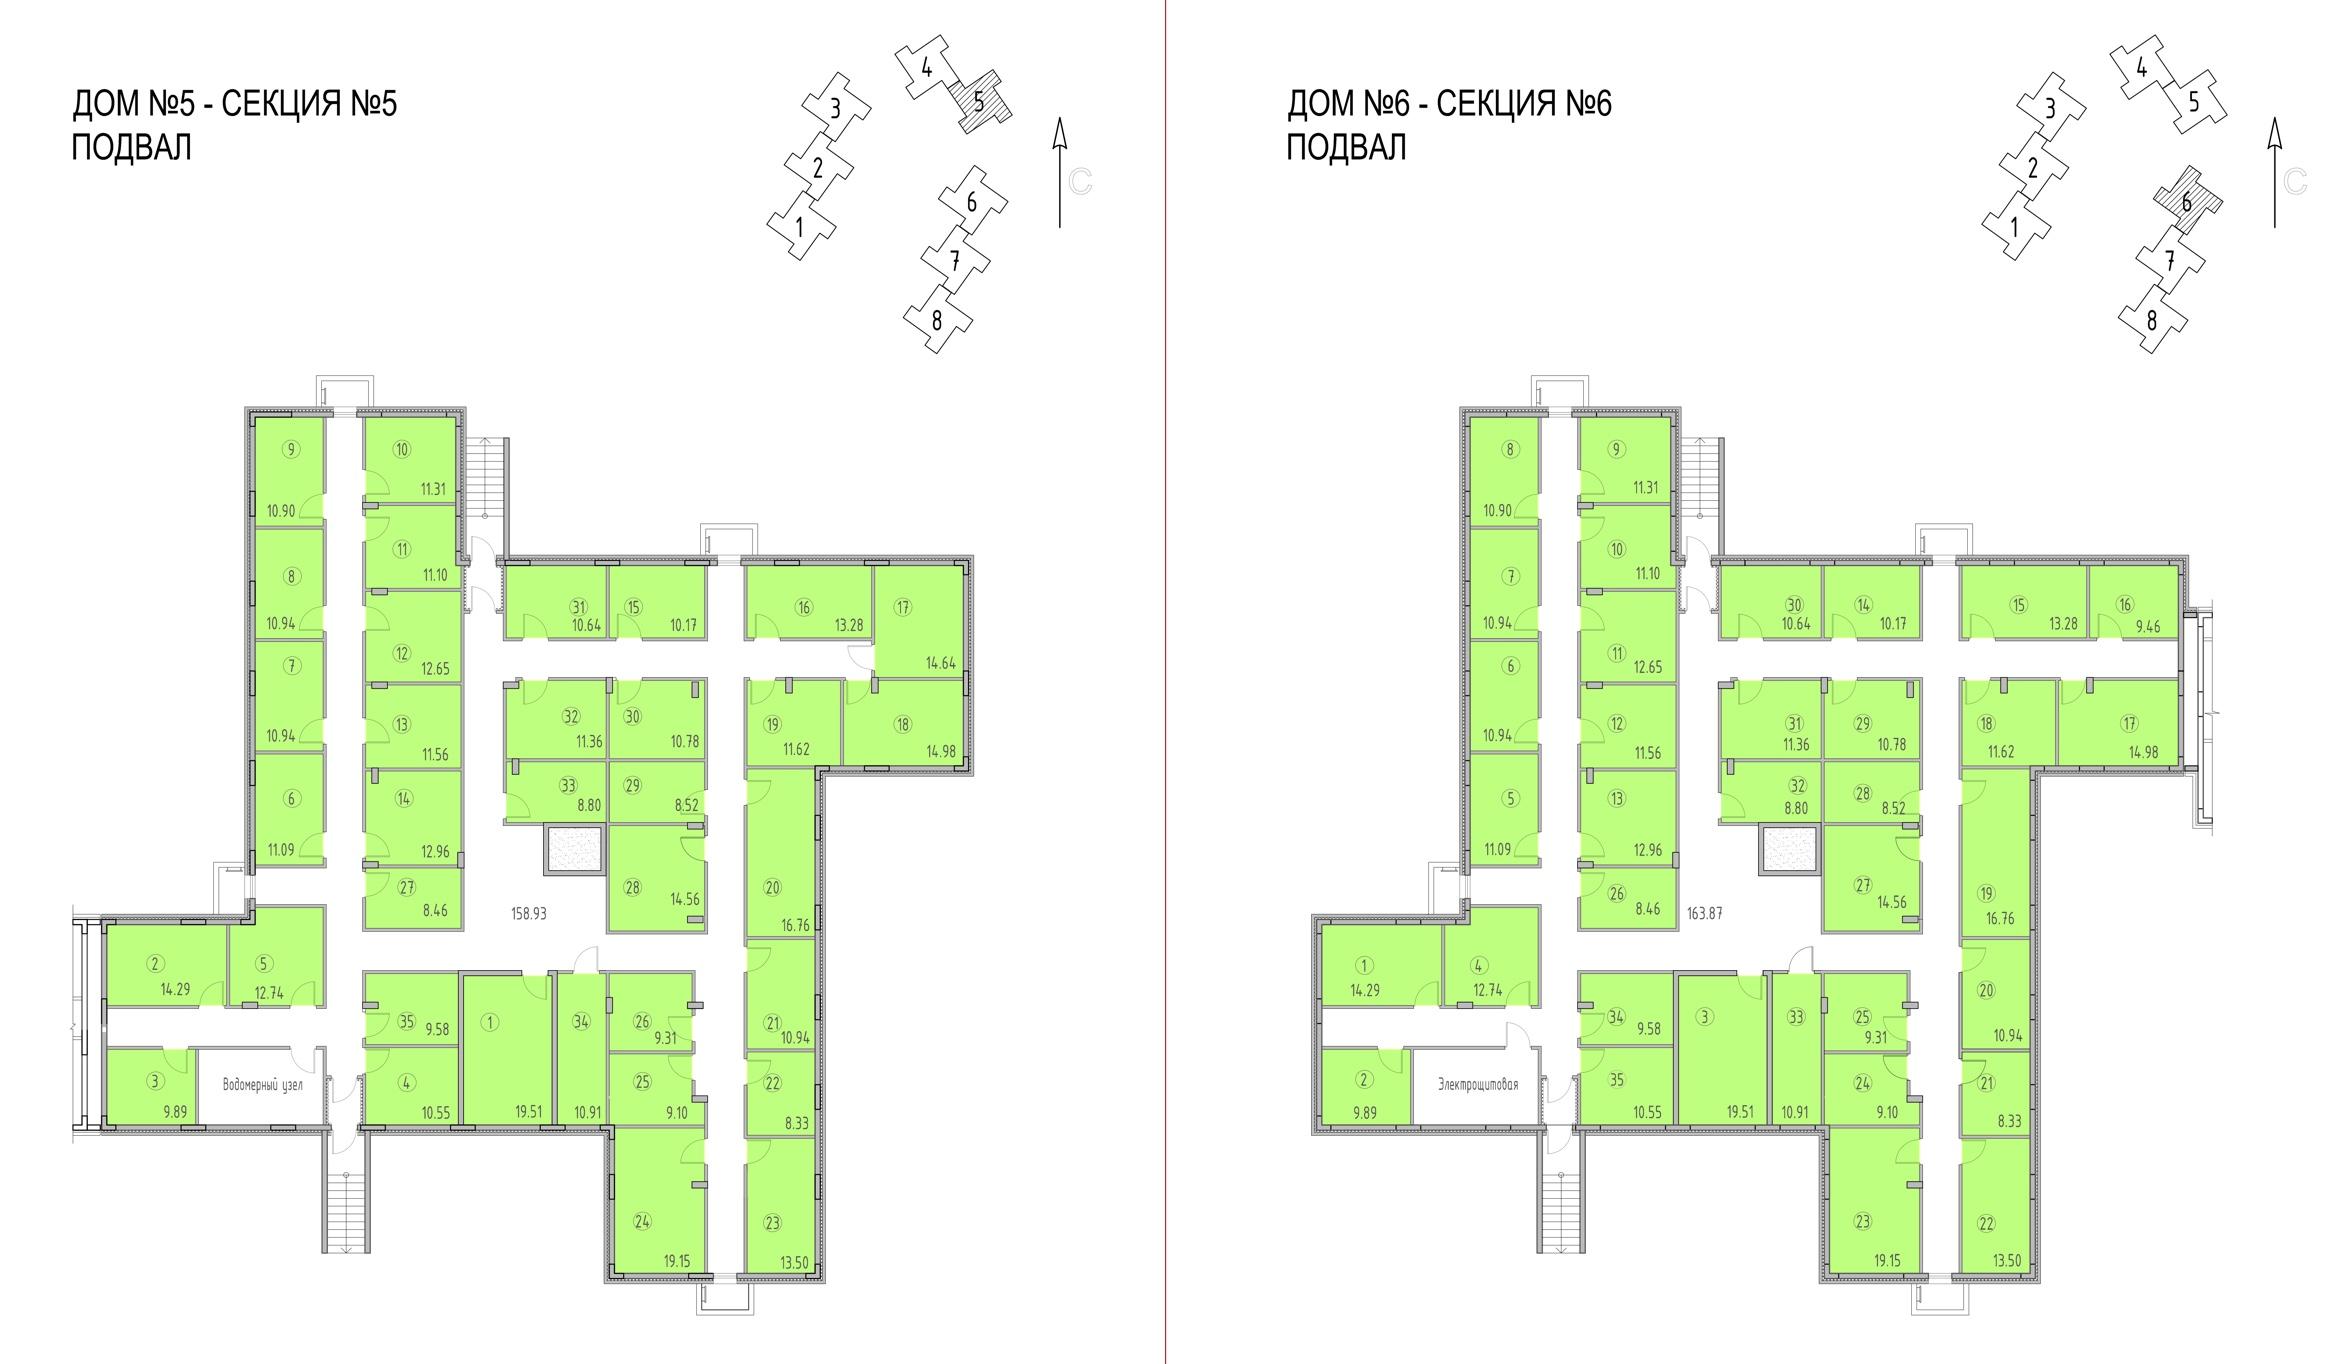 Кладовые домов 5 и 6